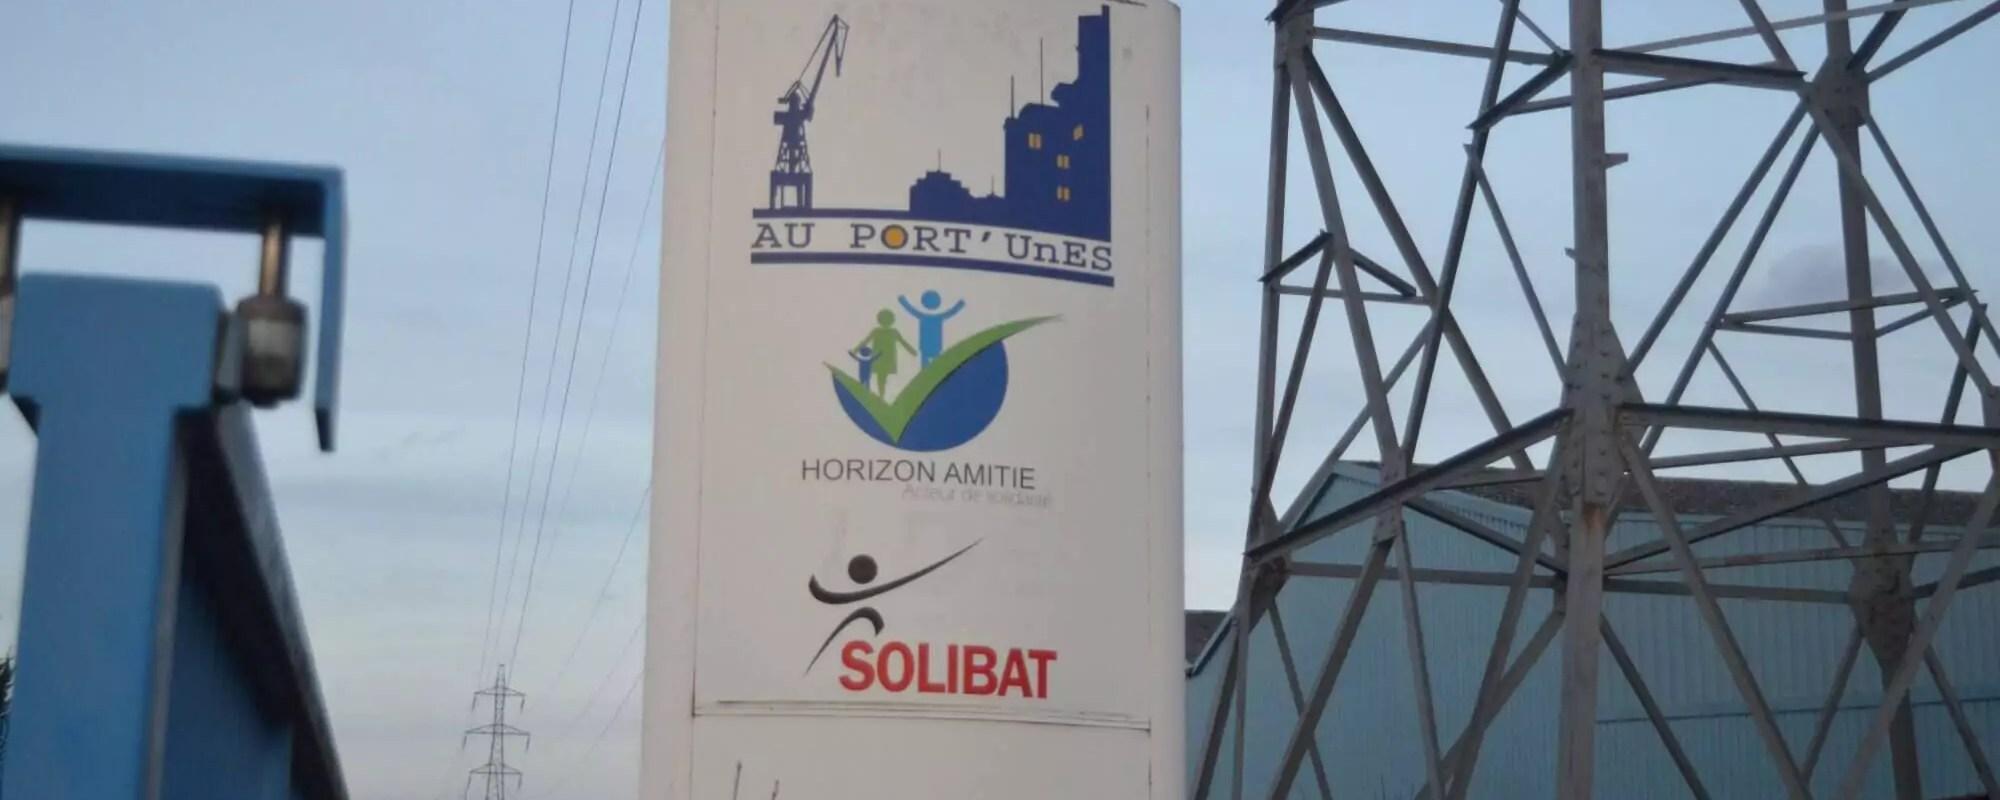 Deux syndicats de Horizon Amitié appellent à la grève pour «un changement immédiat de direction»